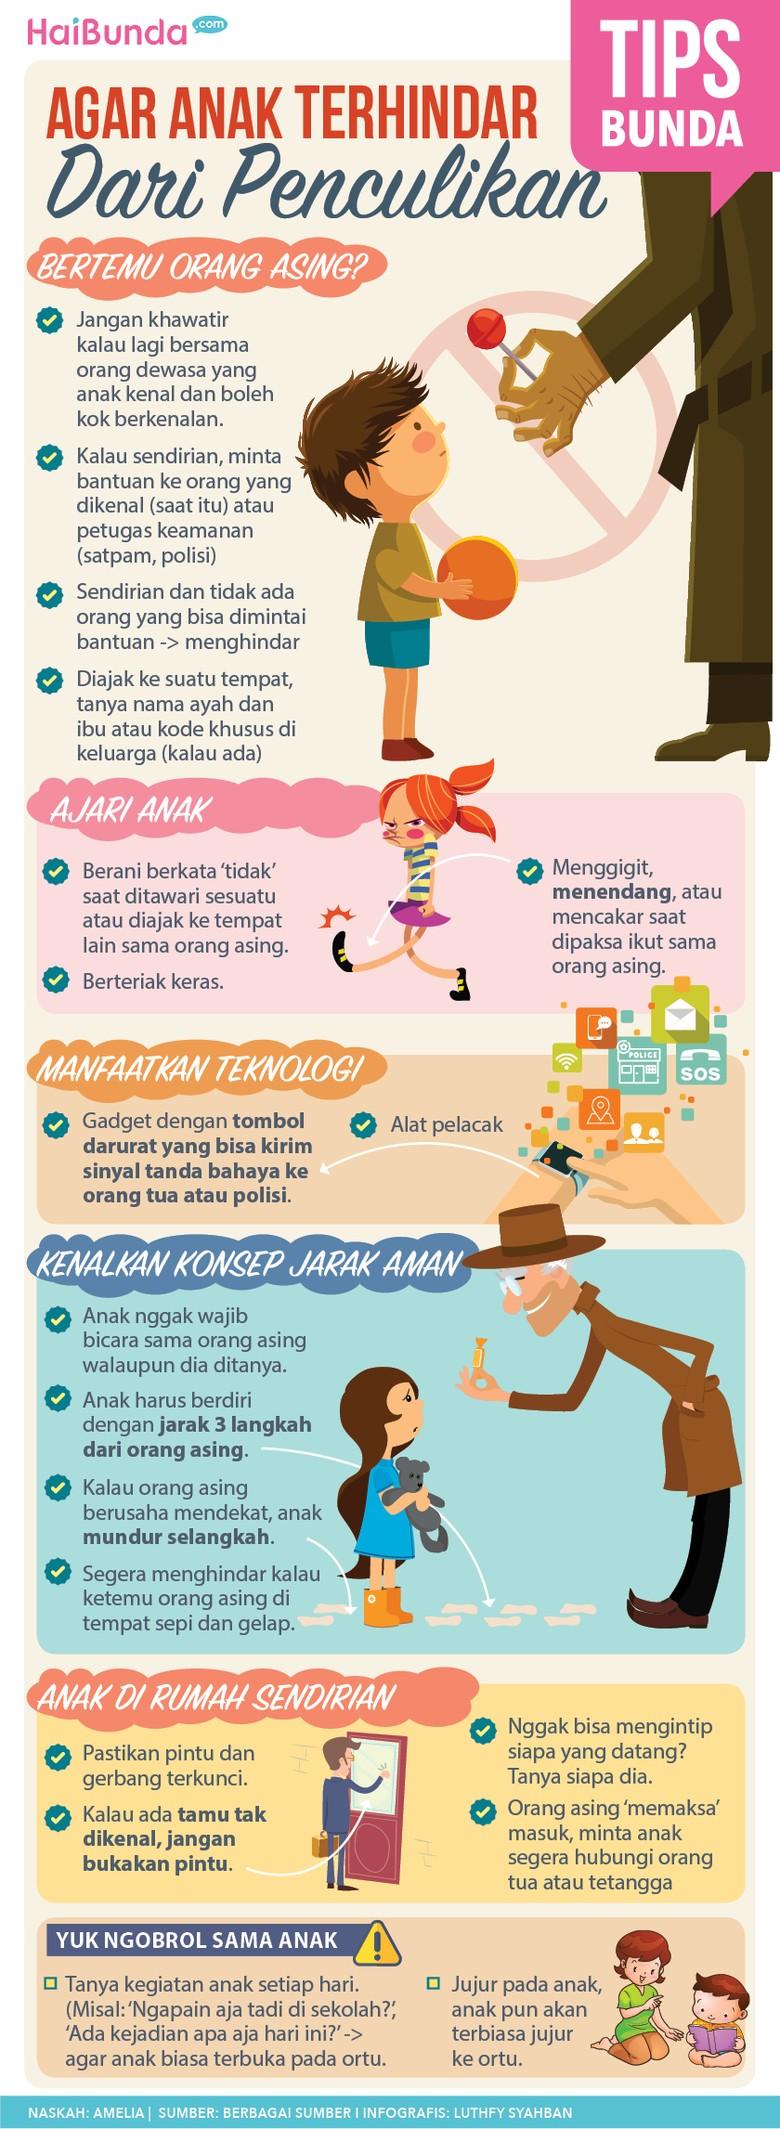 Tips Agar Anak Terhindar dari Penculikan/ Foto: Infografis